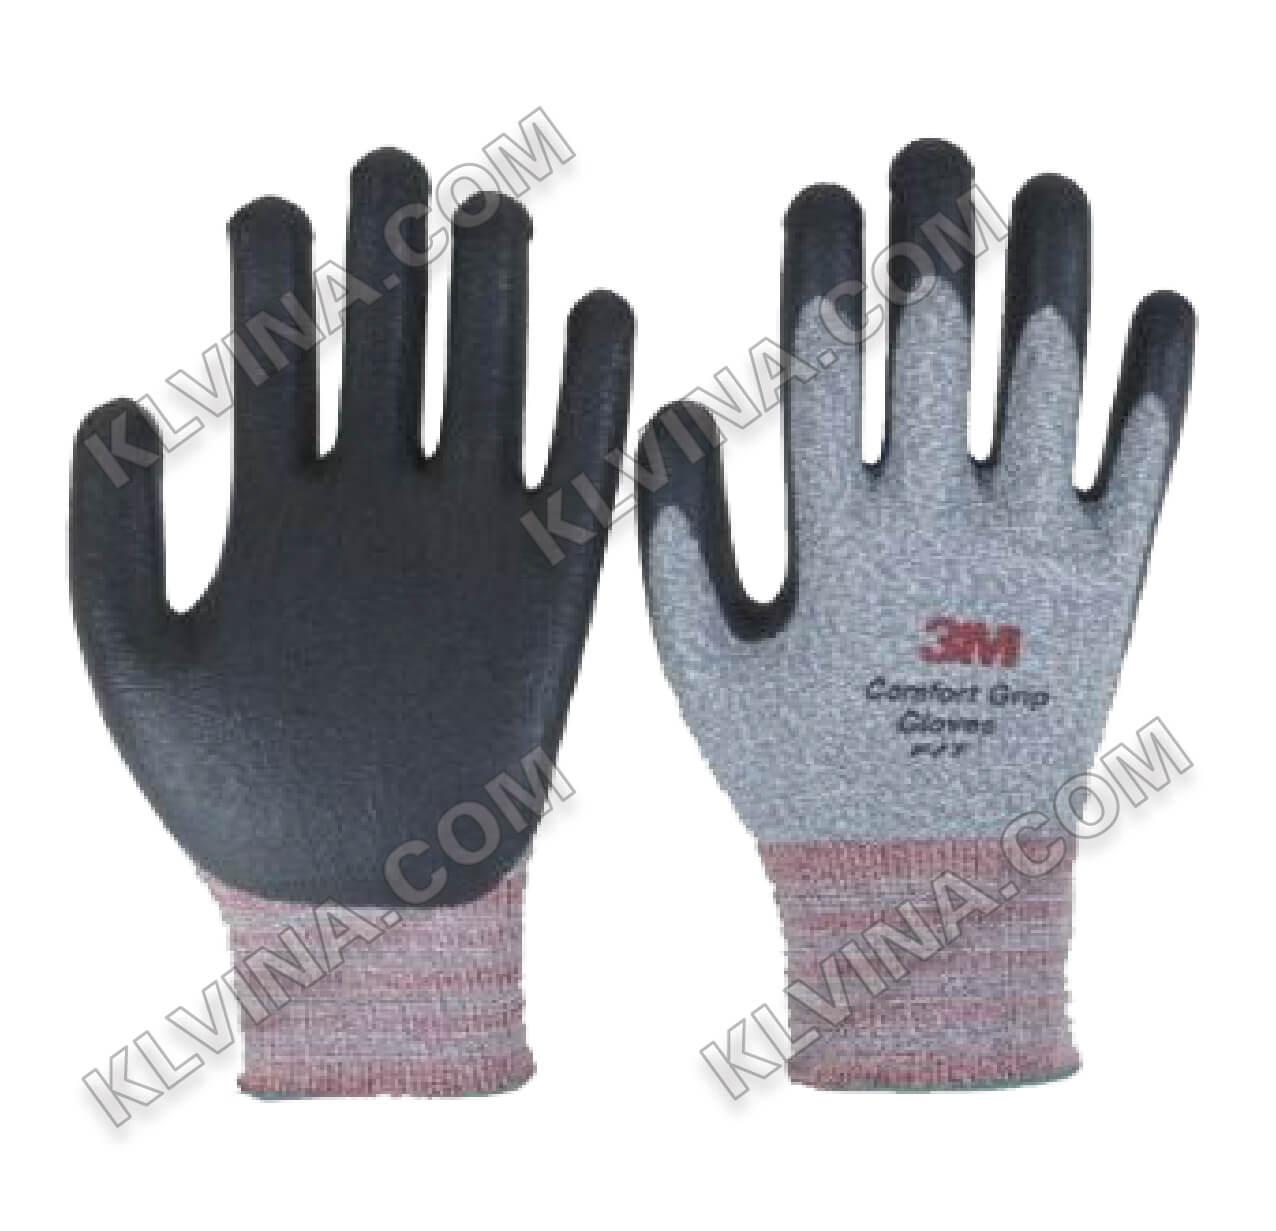 Găng tay 3M thường